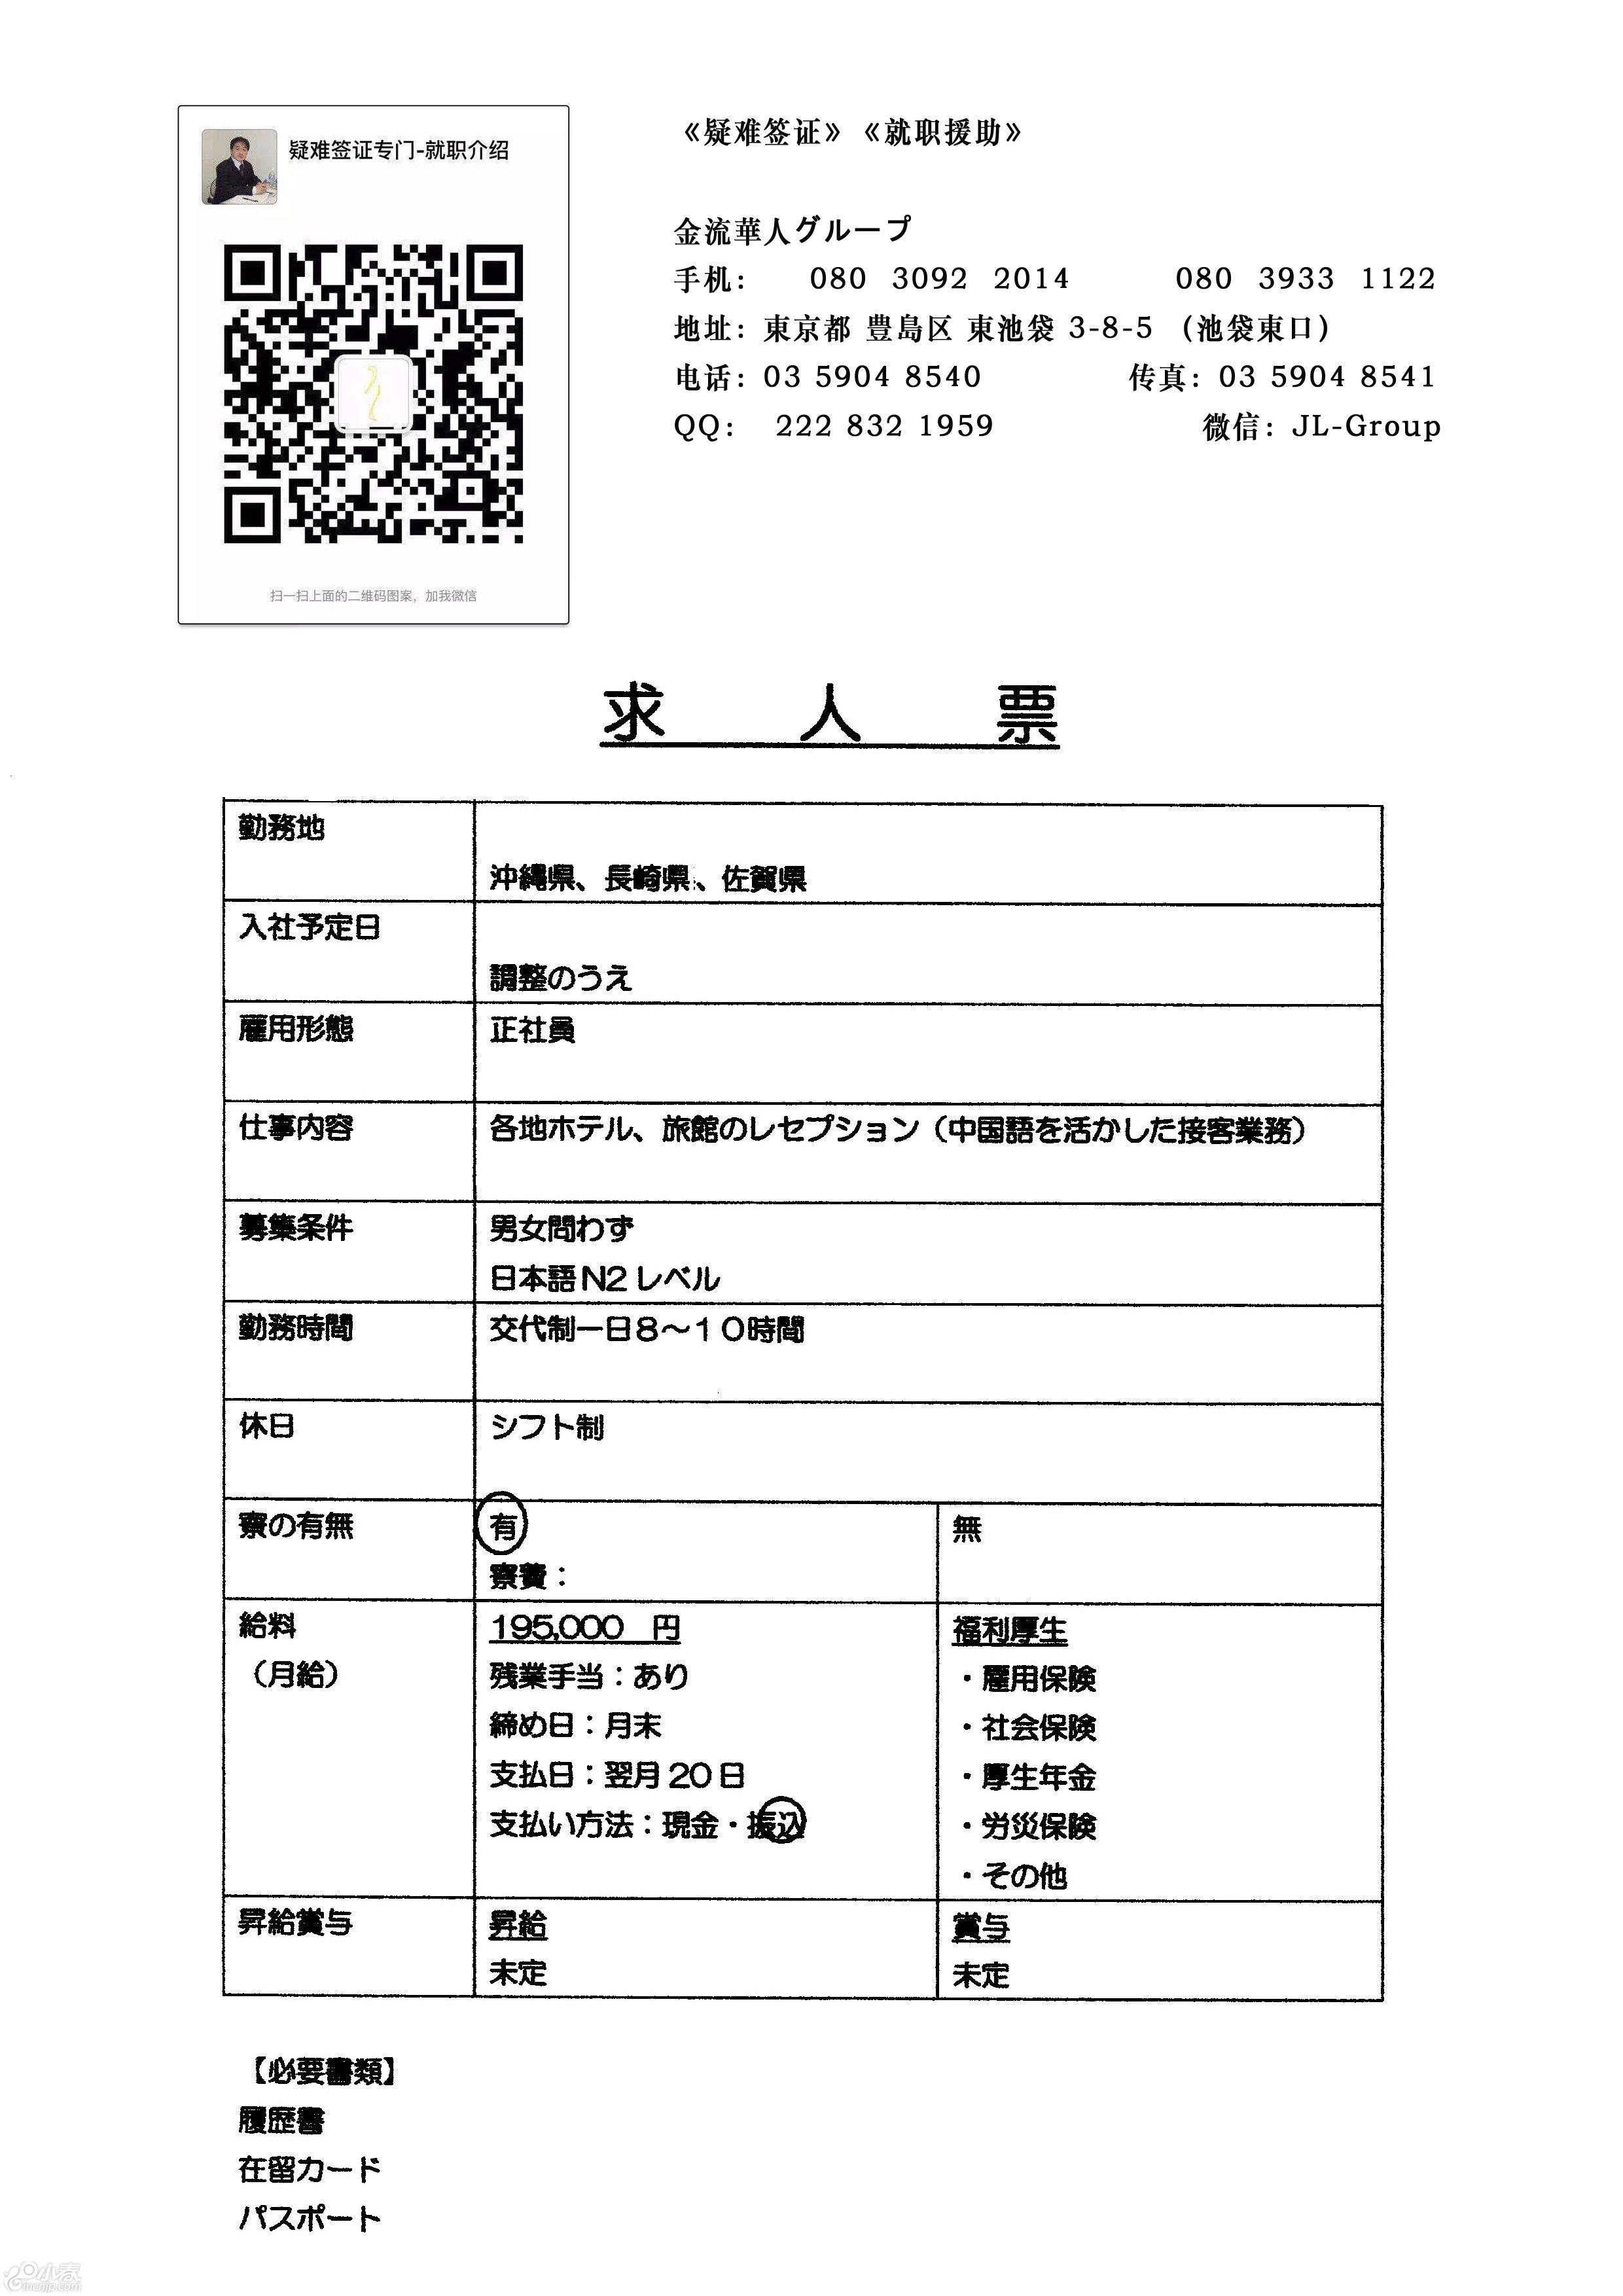 冲绳、长崎、佐贺,服务员和厨师.jpg